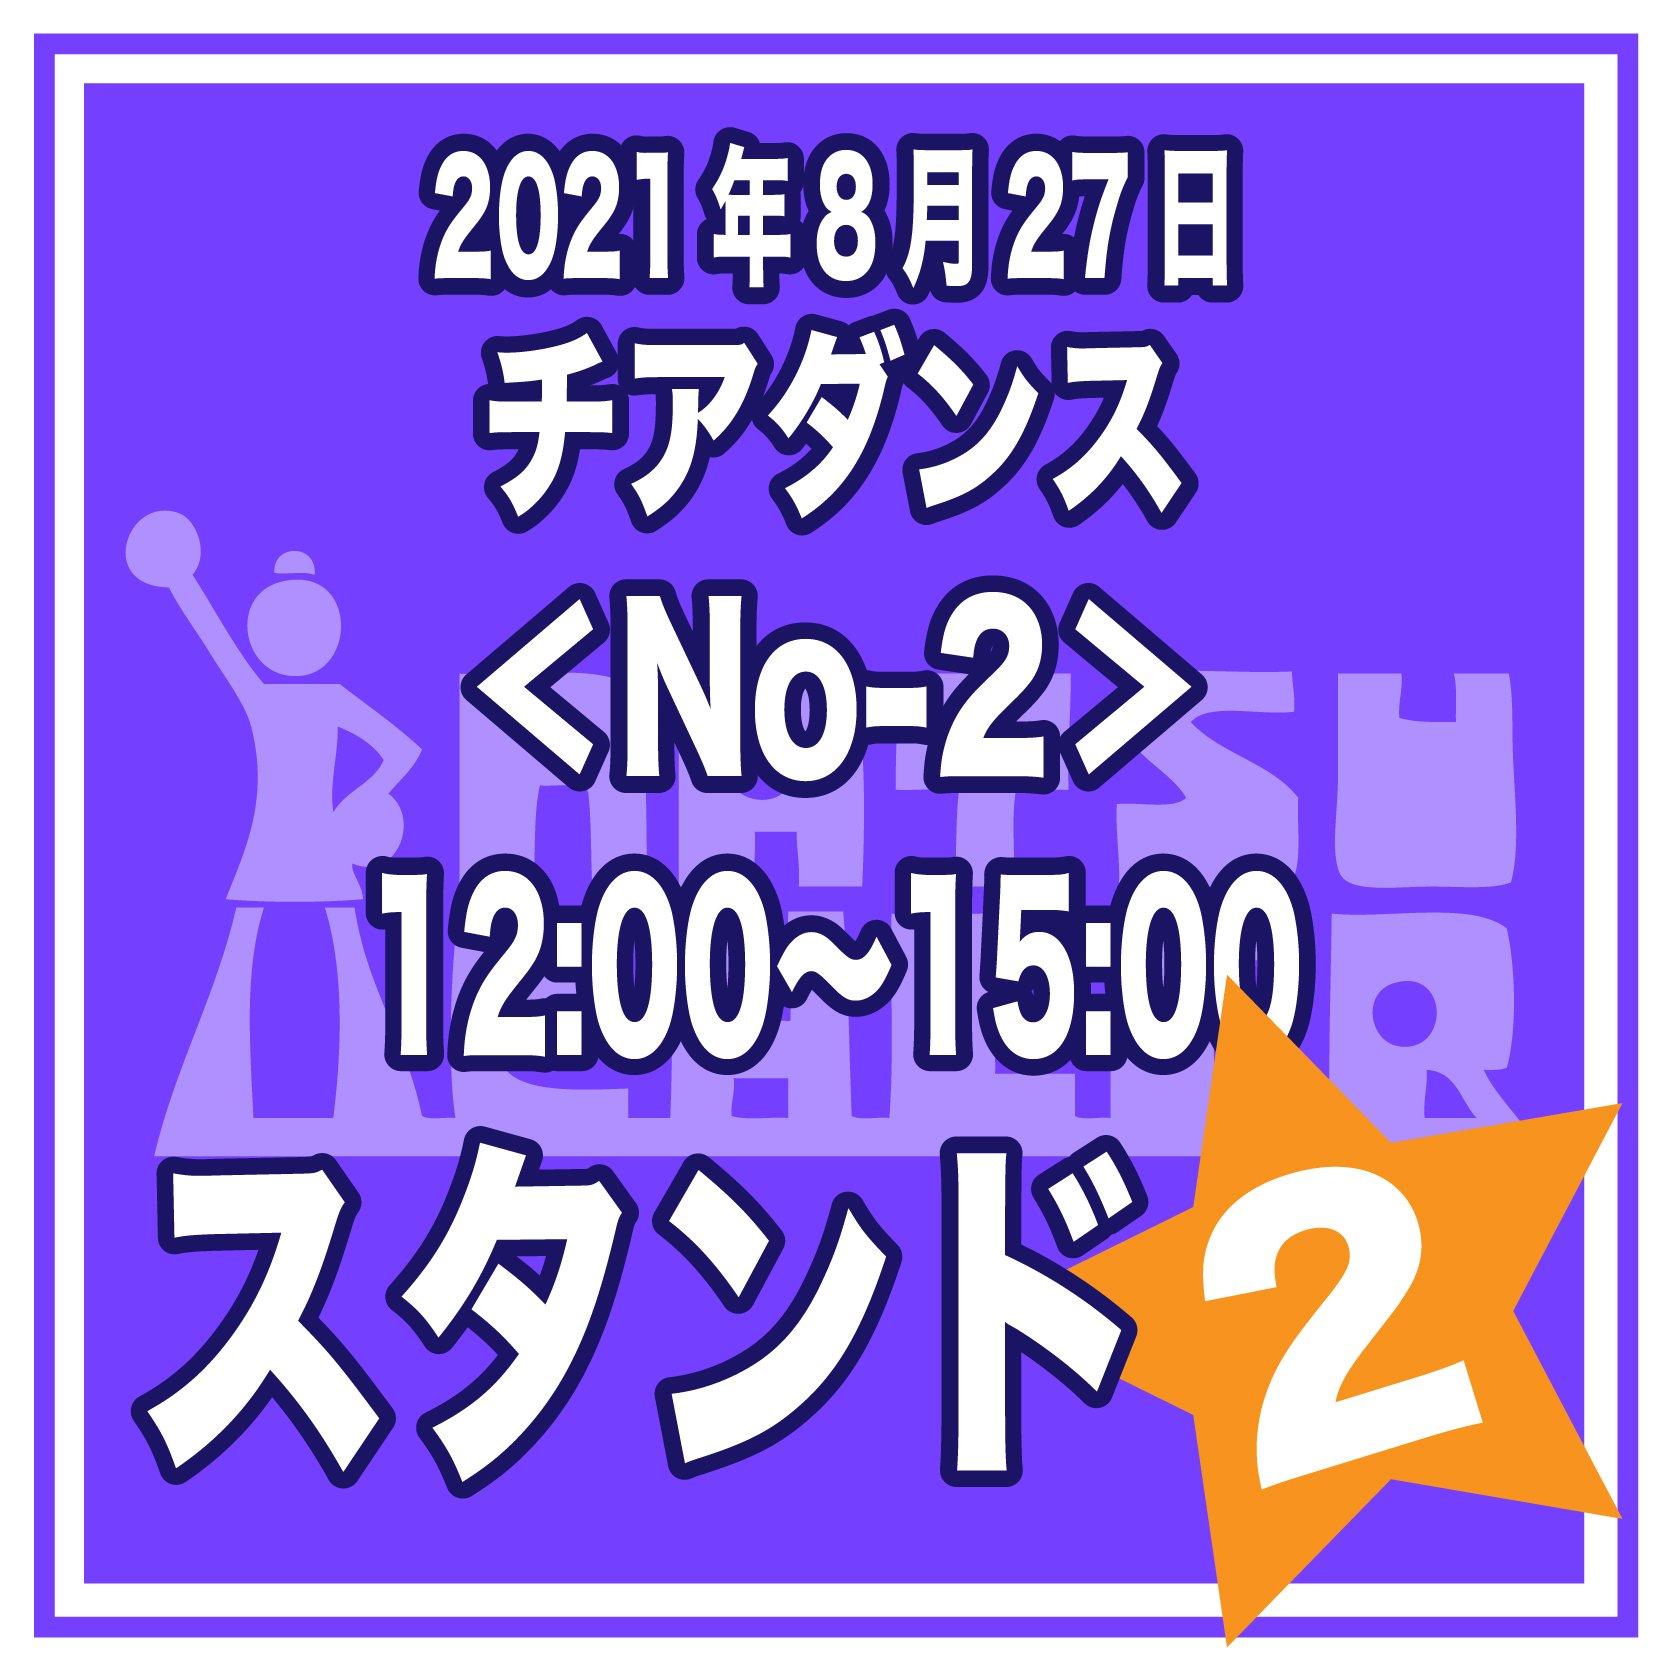 スタンド席【ペア】 チアダンス<No-2>8/27 12:00〜15:00のイメージその1